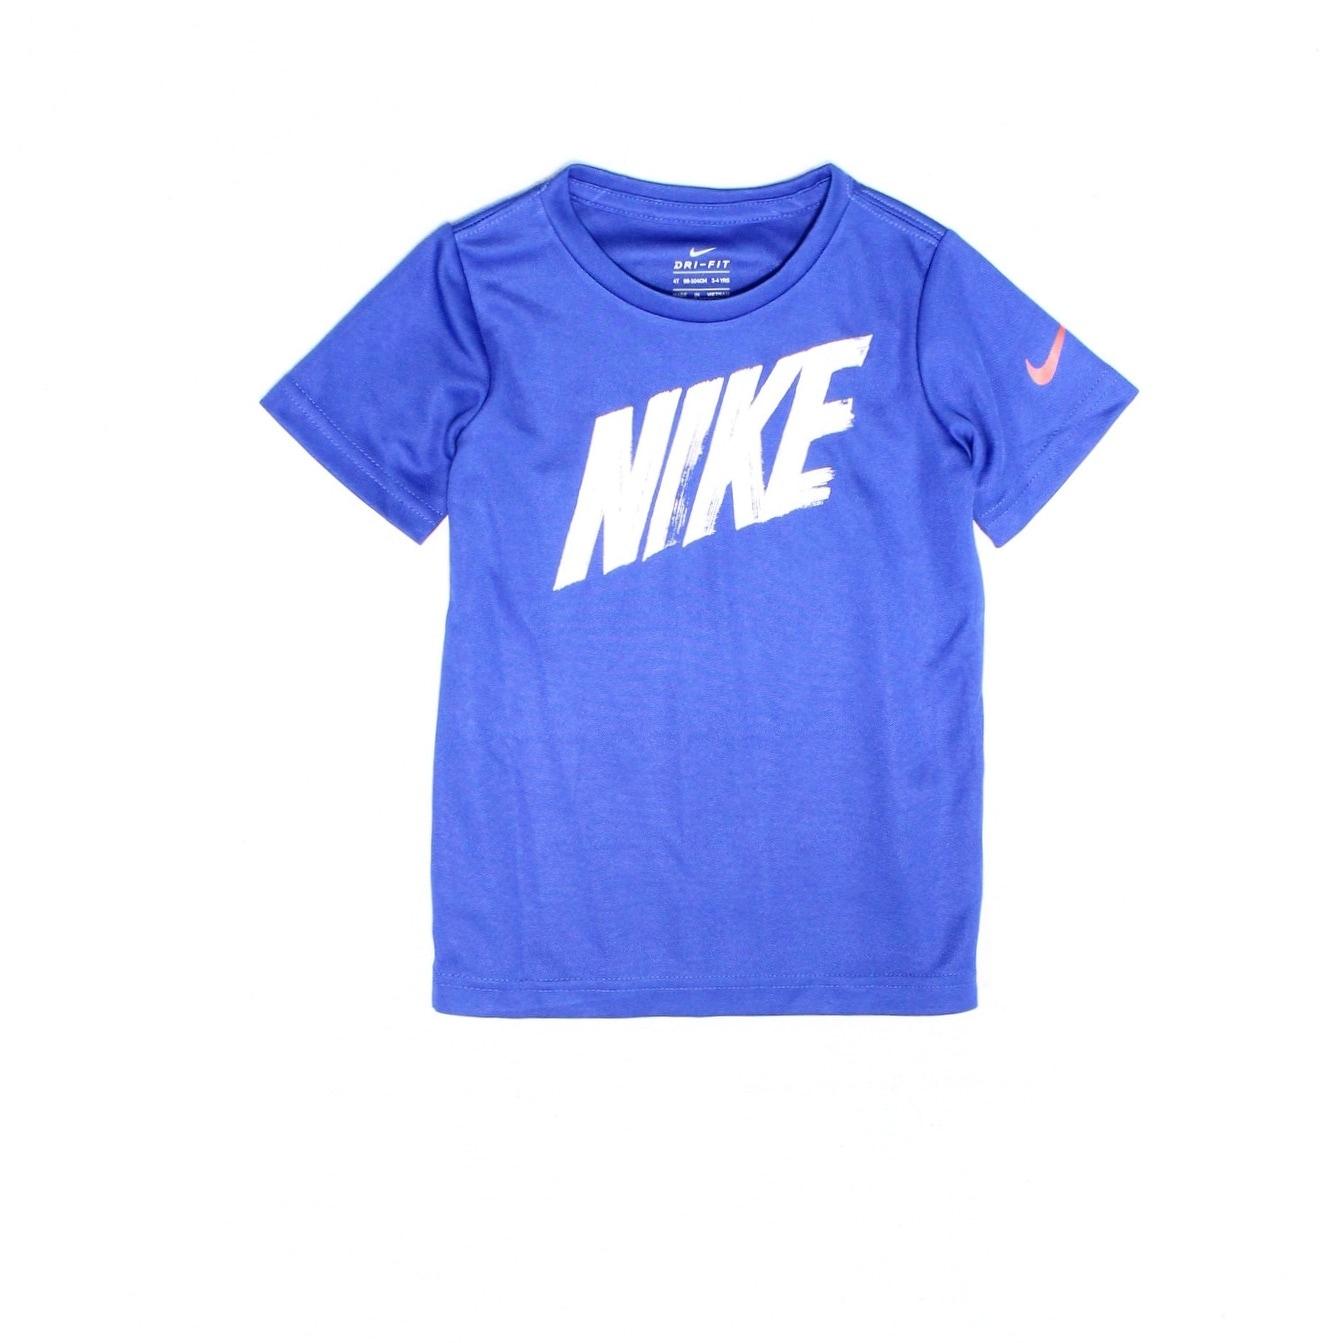 4t nike t shirt